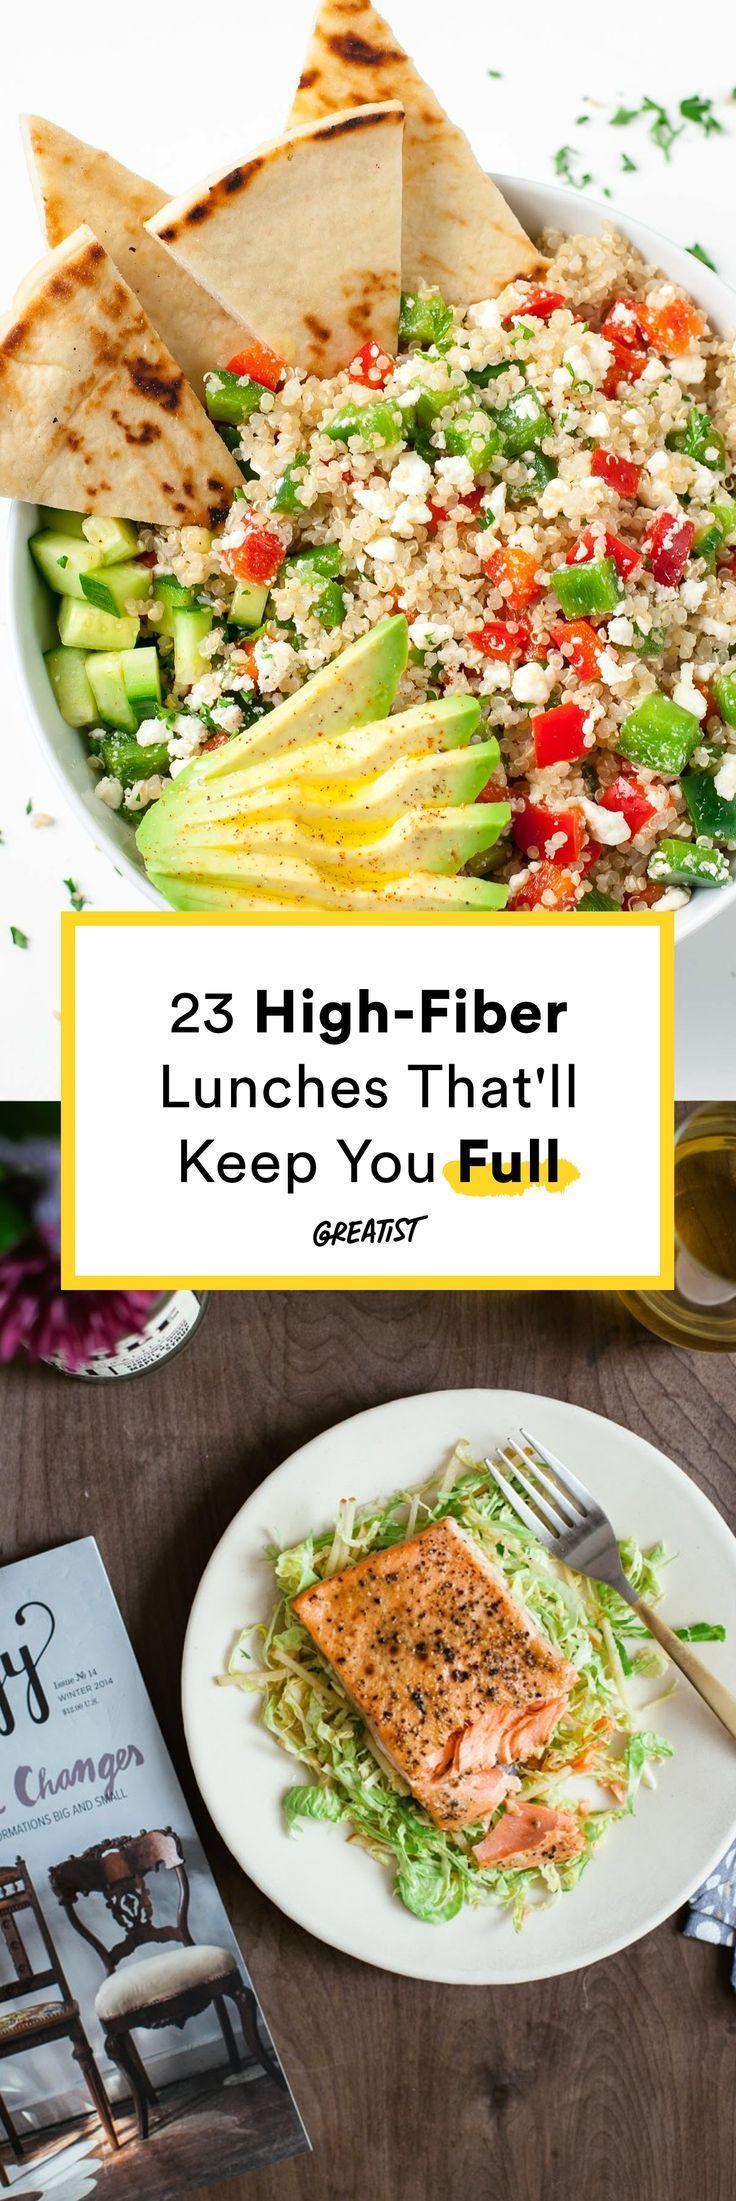 25+ best ideas about Fiber on Pinterest | High fiber foods, Fiber ...